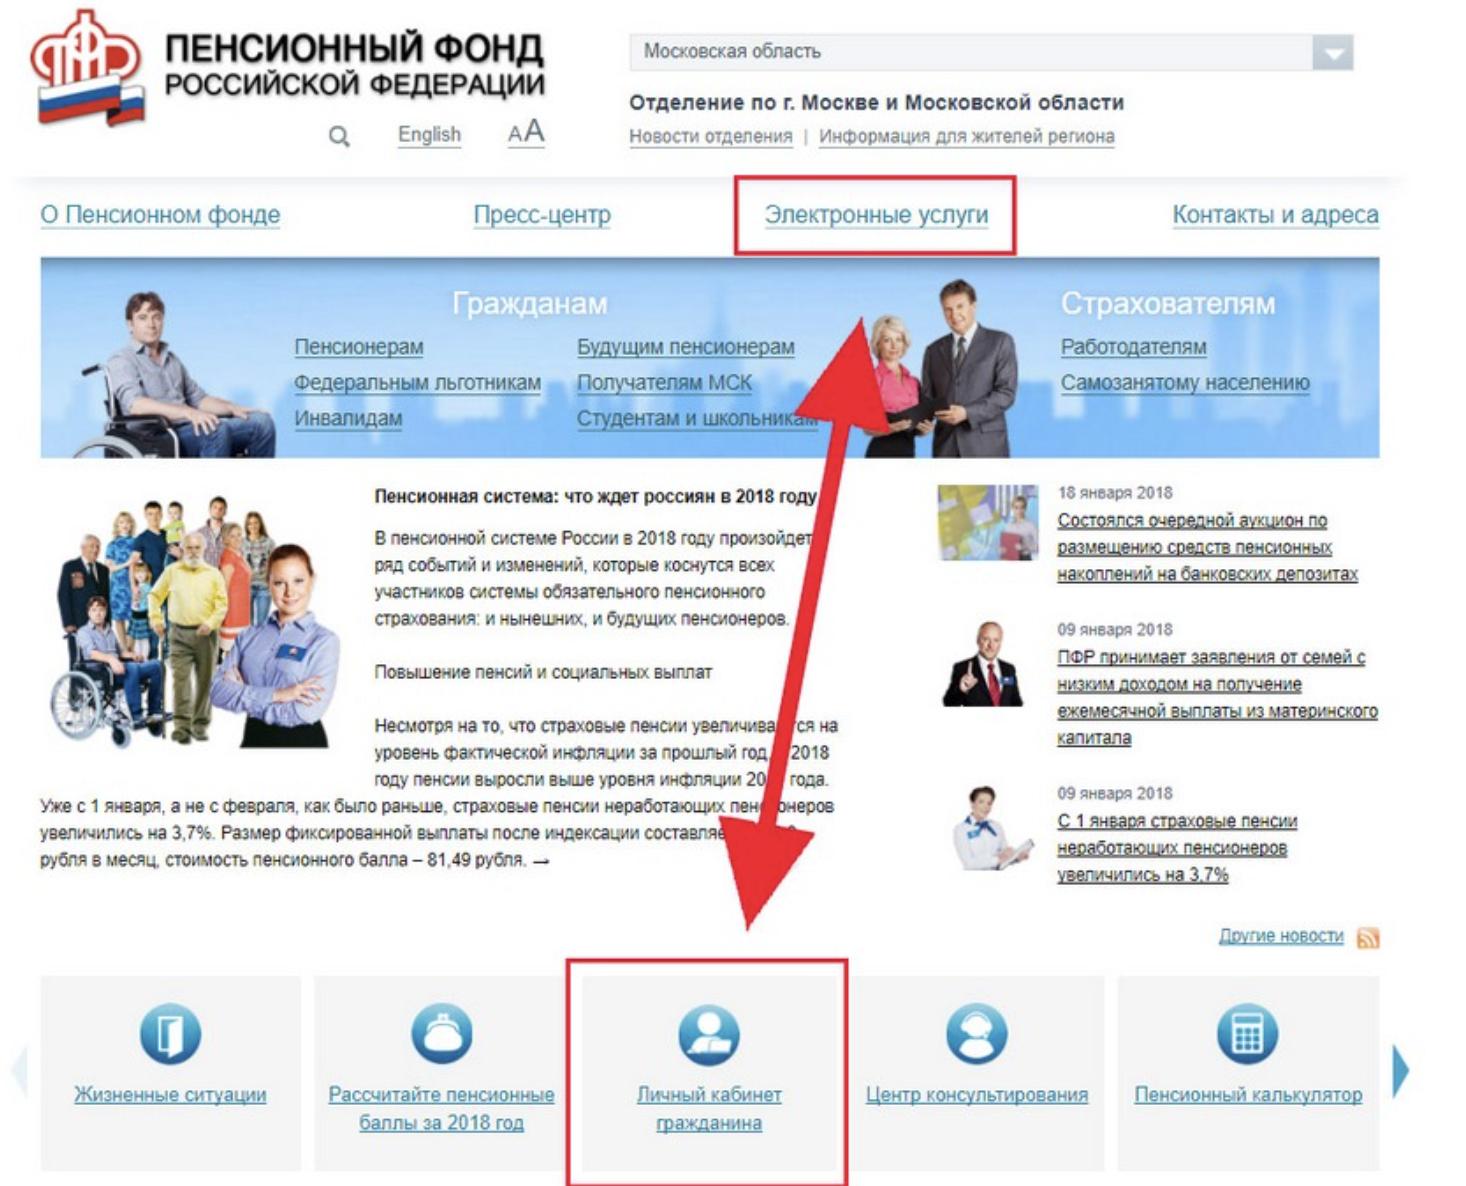 Как записаться в Пенсионный фонд РФ для получения свидетельства СНИЛС